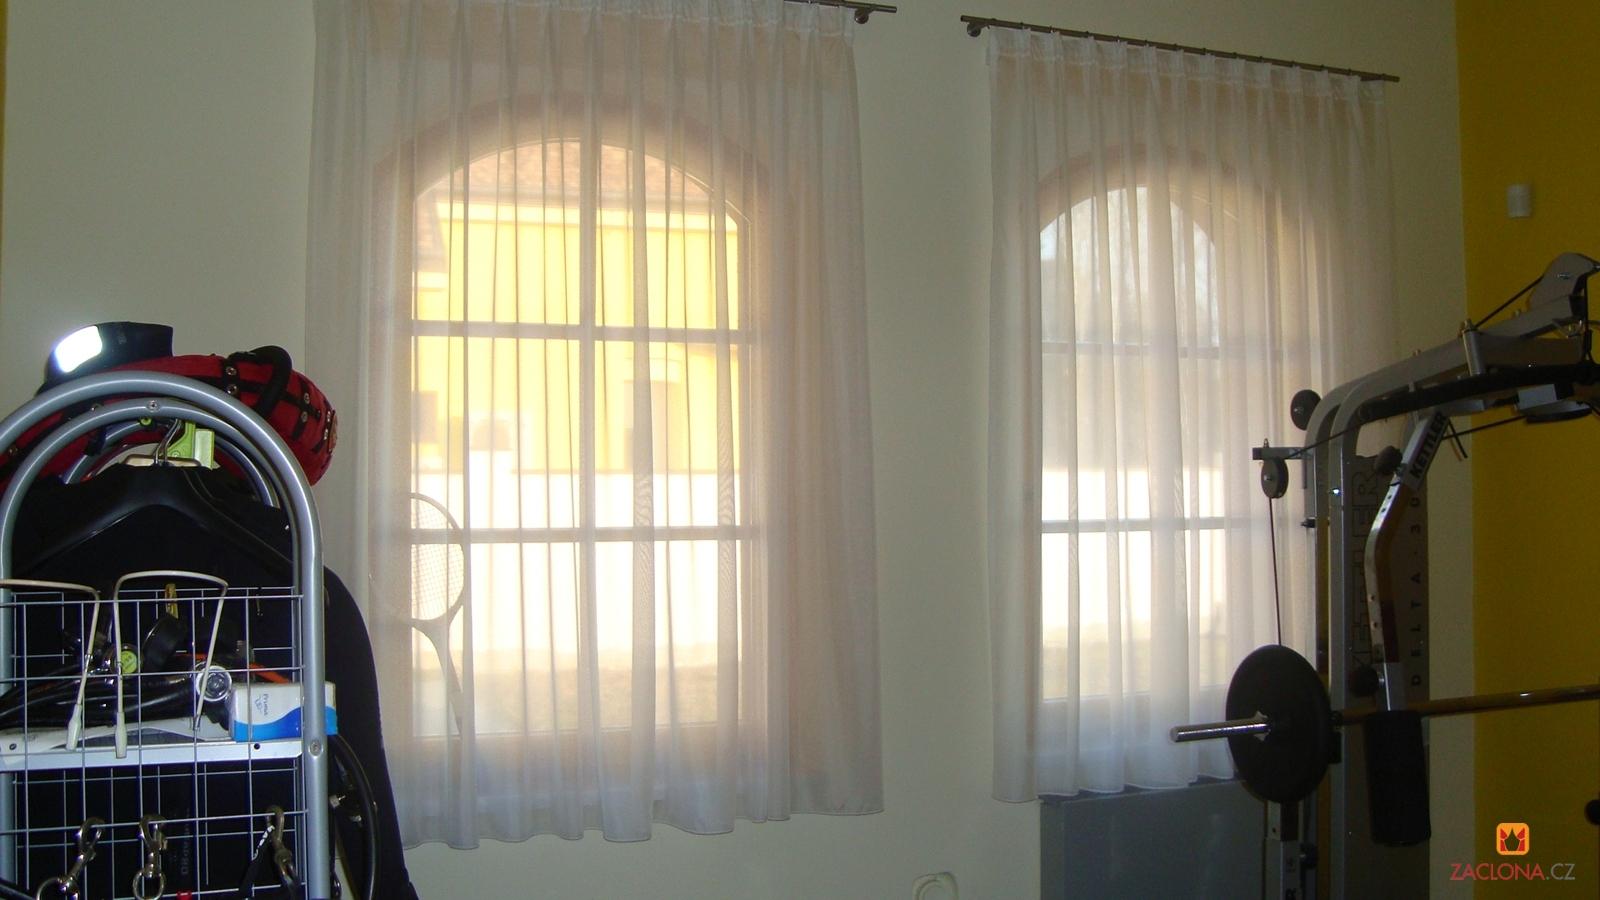 Haus mit Bogenfenstern   Realisation der Treppe und des Umfelds